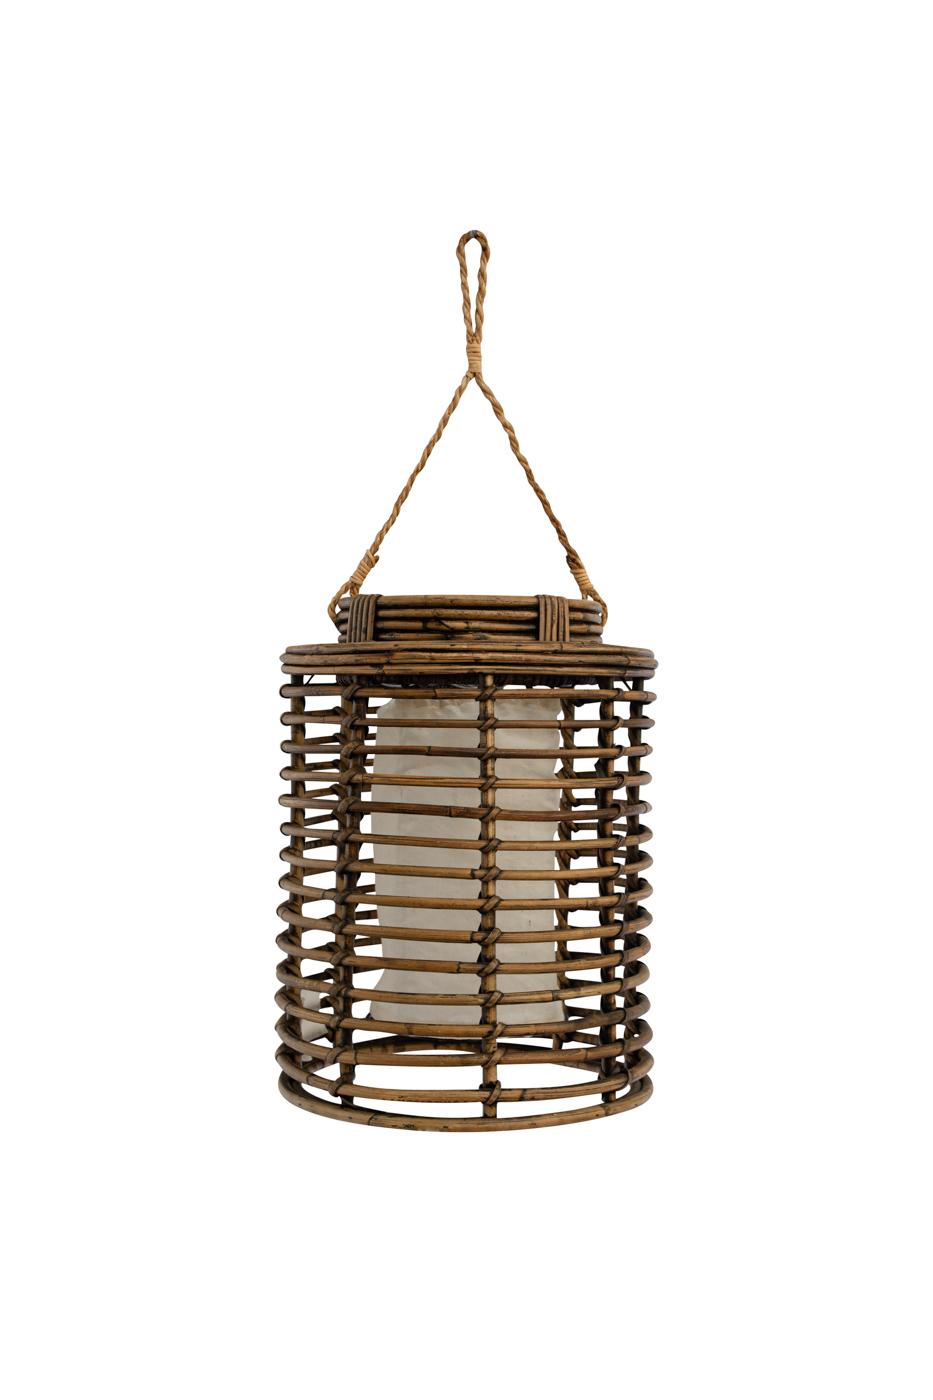 Portomax lamp in bamboo